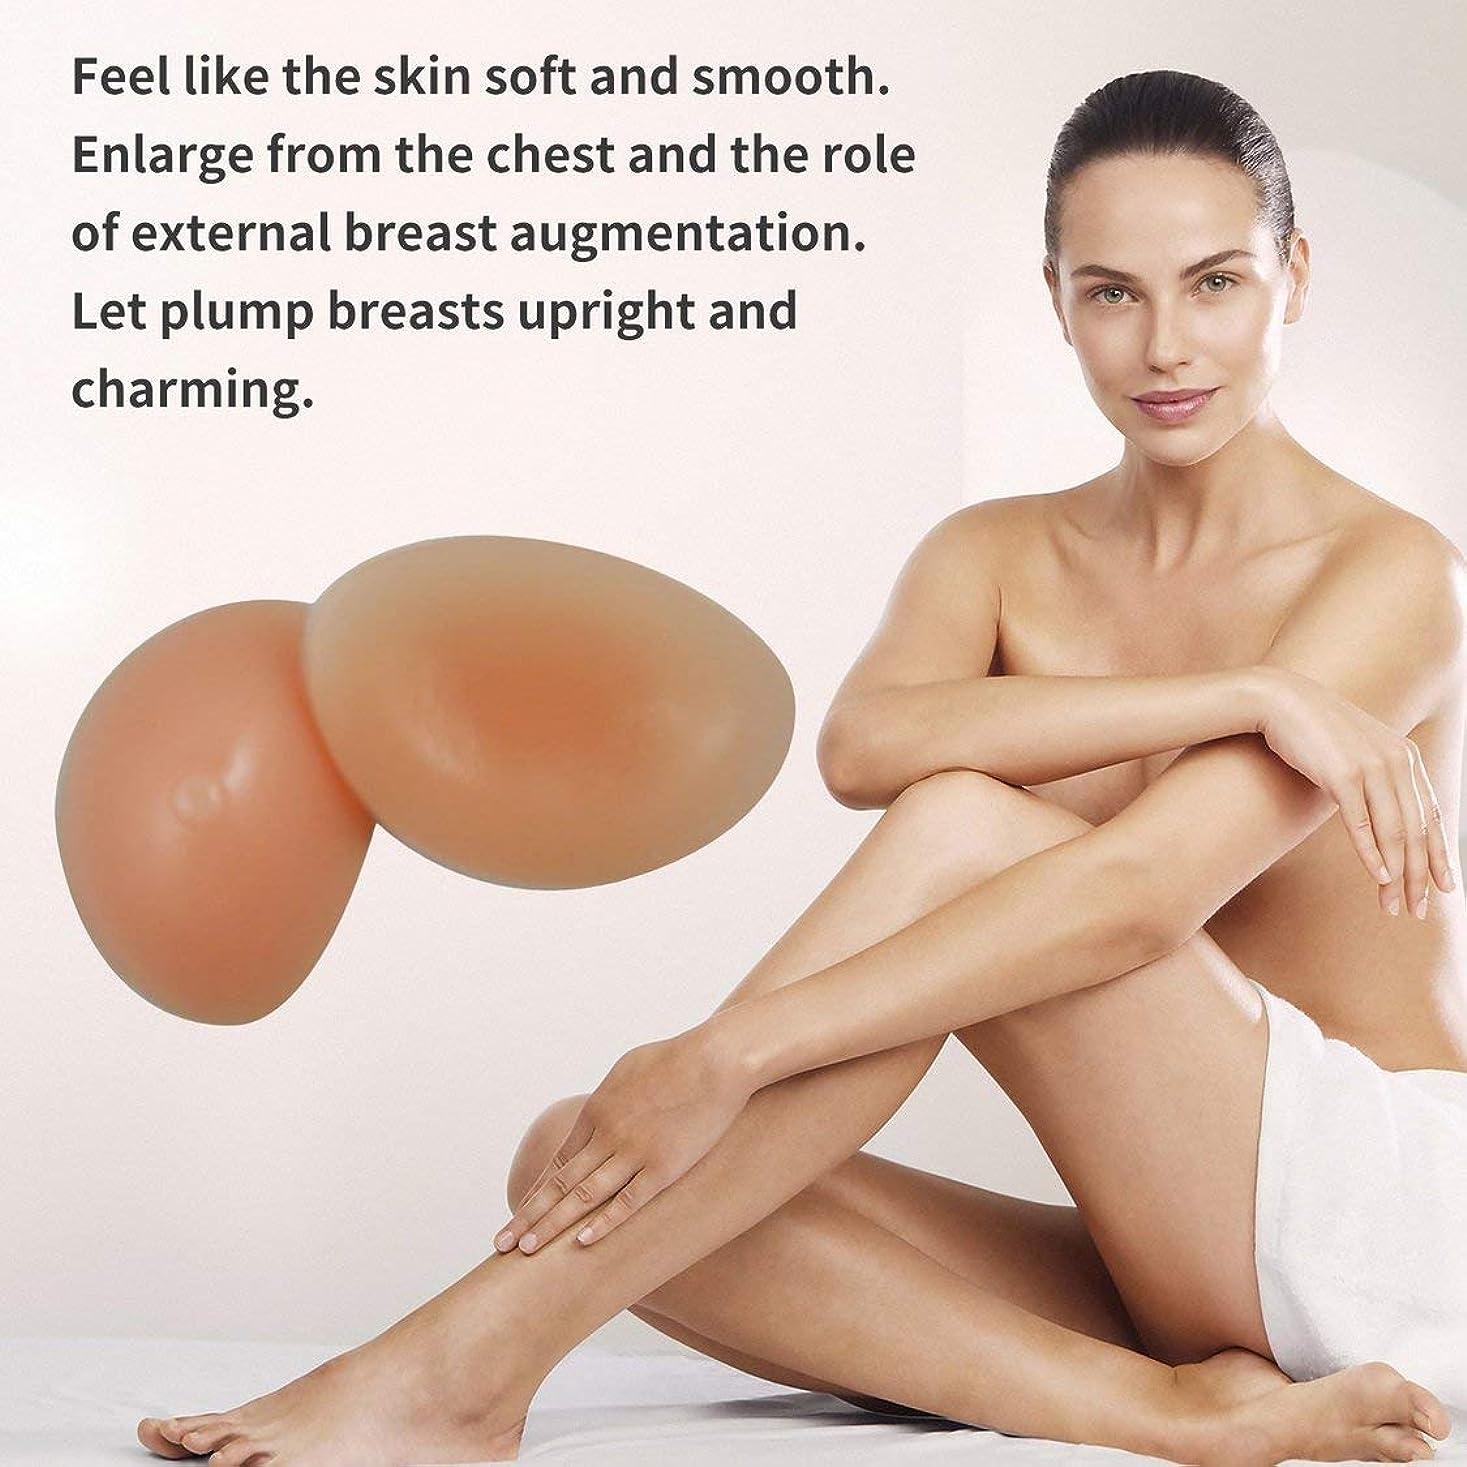 一般的に感性フルーツシリコーンフォーム偽乳房エンハンサープッシュアップパッドブースターブラインサート人工乳房リアルな防水シリコーン乳房フォーム